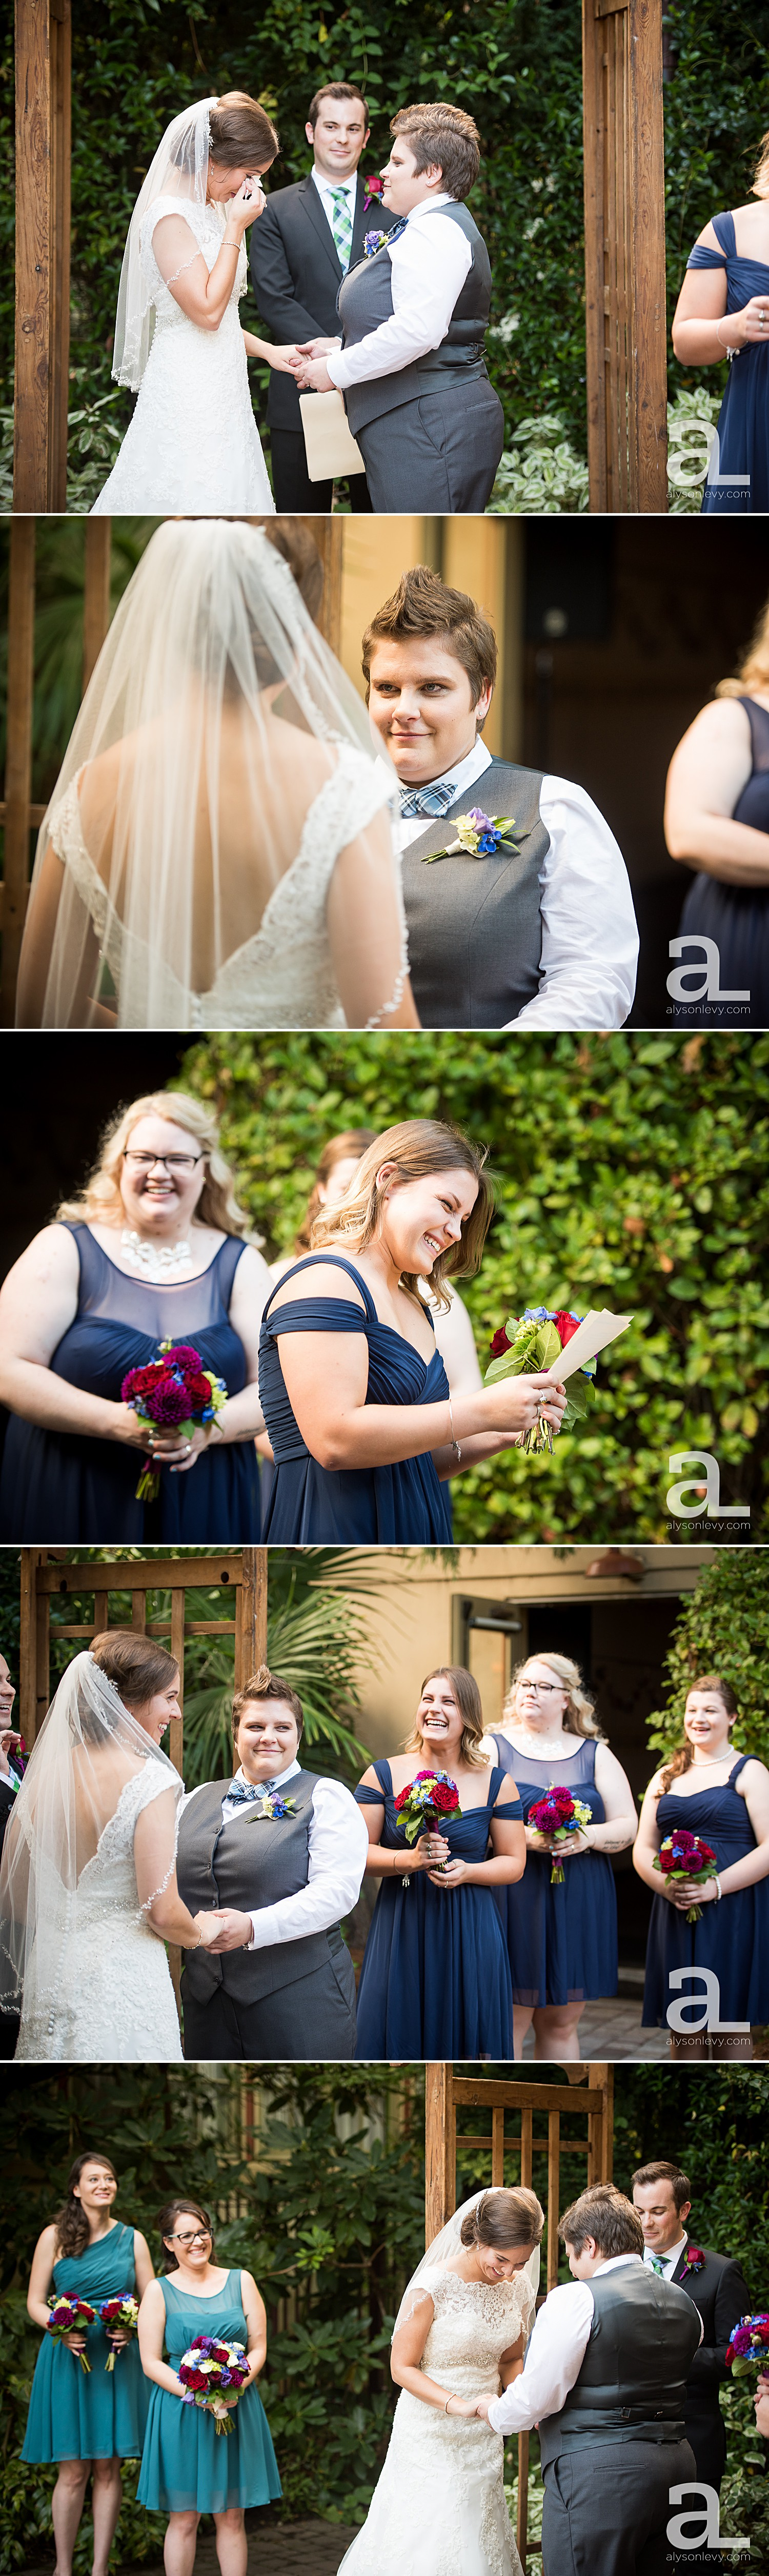 Portland-Kennedy-School-Gay-Wedding-Photography_0012.jpg